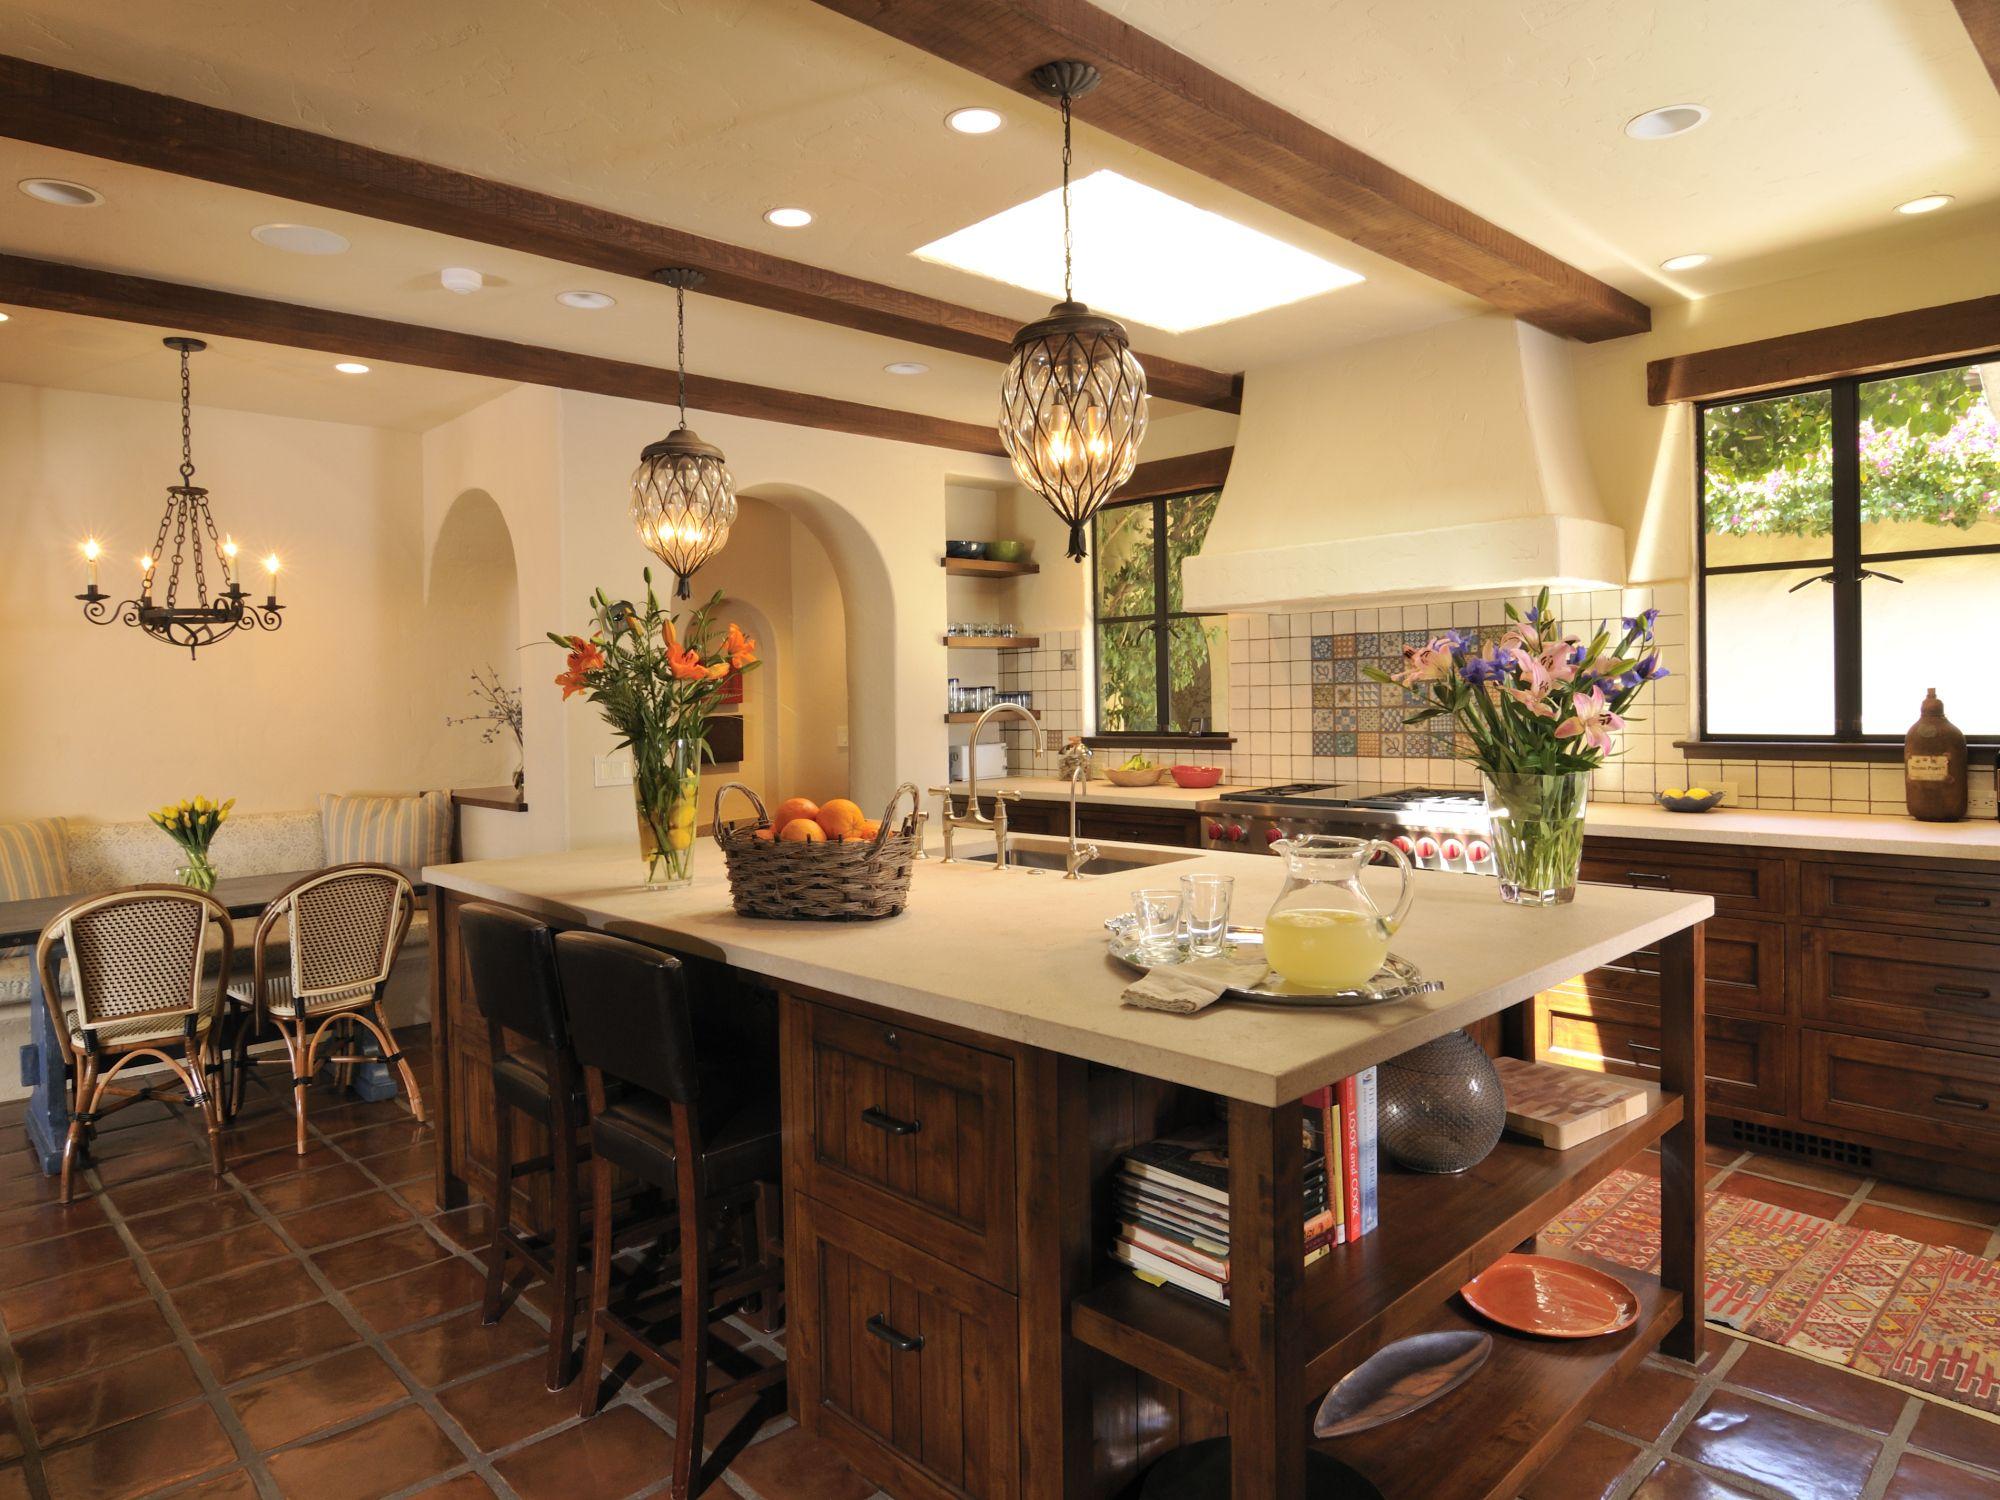 Spanish Revival Style Kitchen Flaired Plaster Range Hood Tile